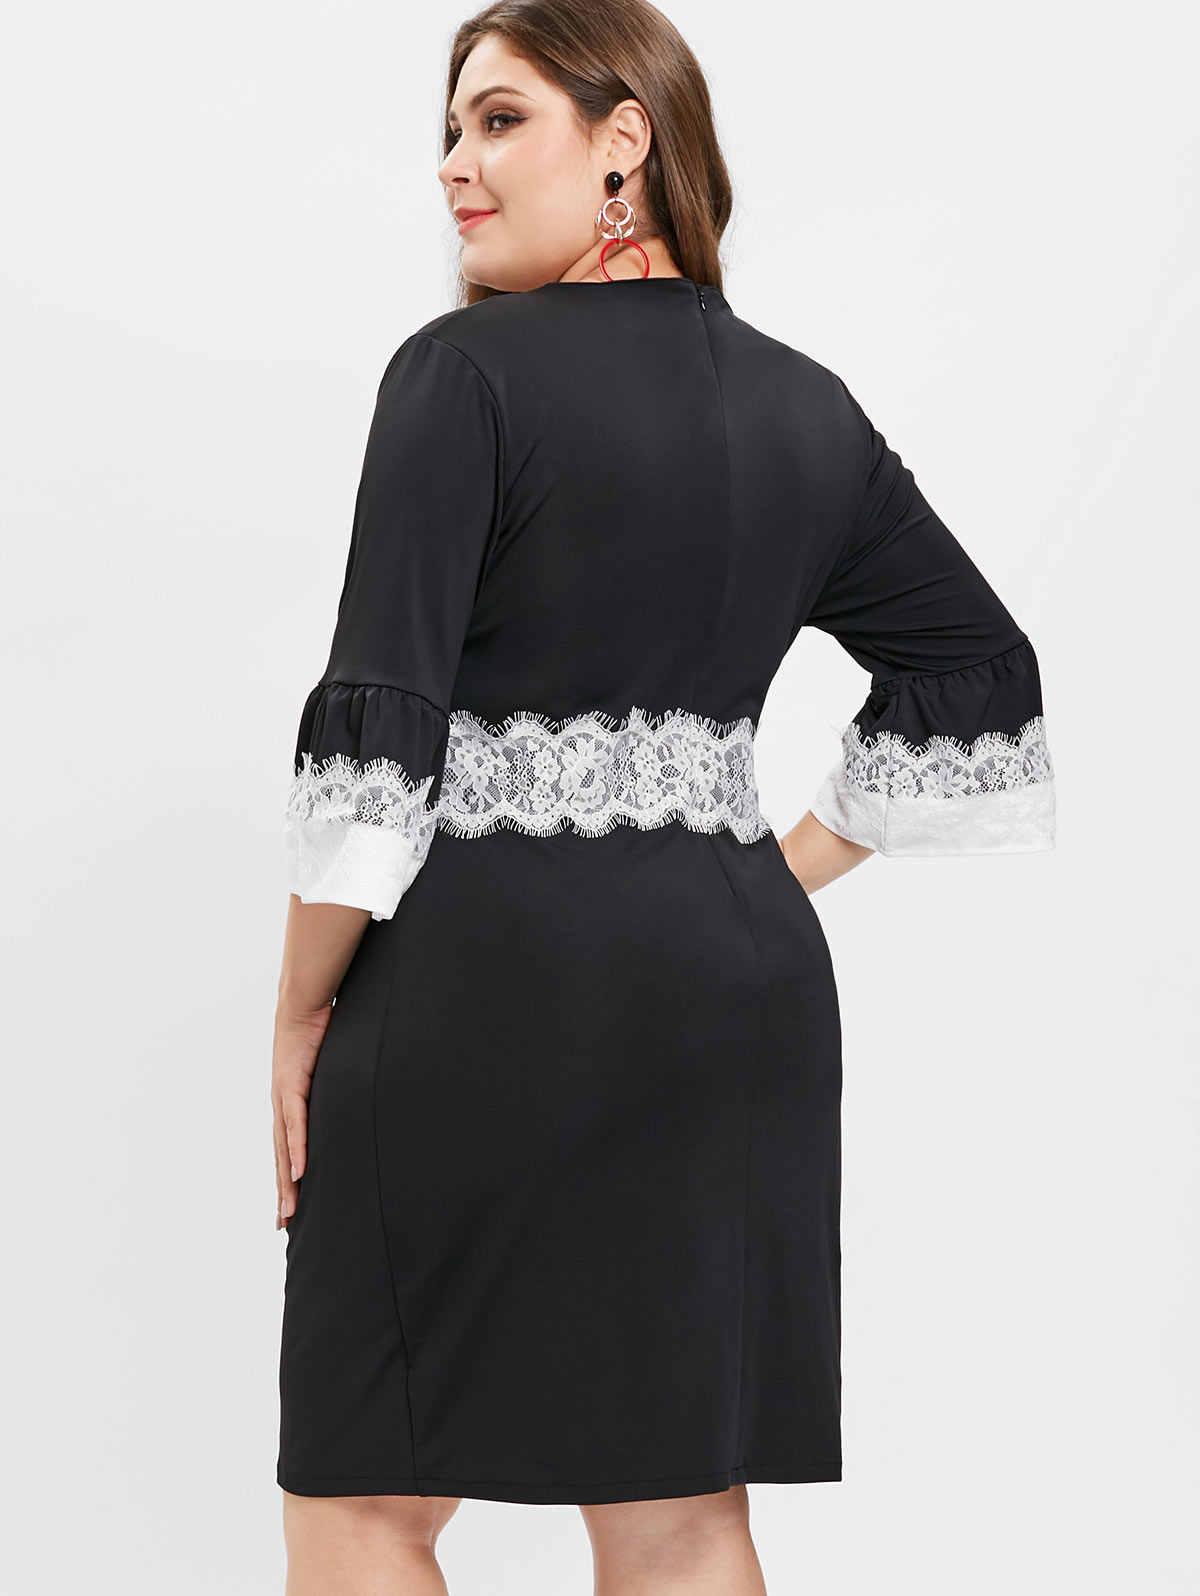 Wisalo женское кружевное платье плюс размер, двухцветное платье-футляр с v-образным вырезом, расклешенными рукавами, облегающее платье ol, женские весенние вечерние платья